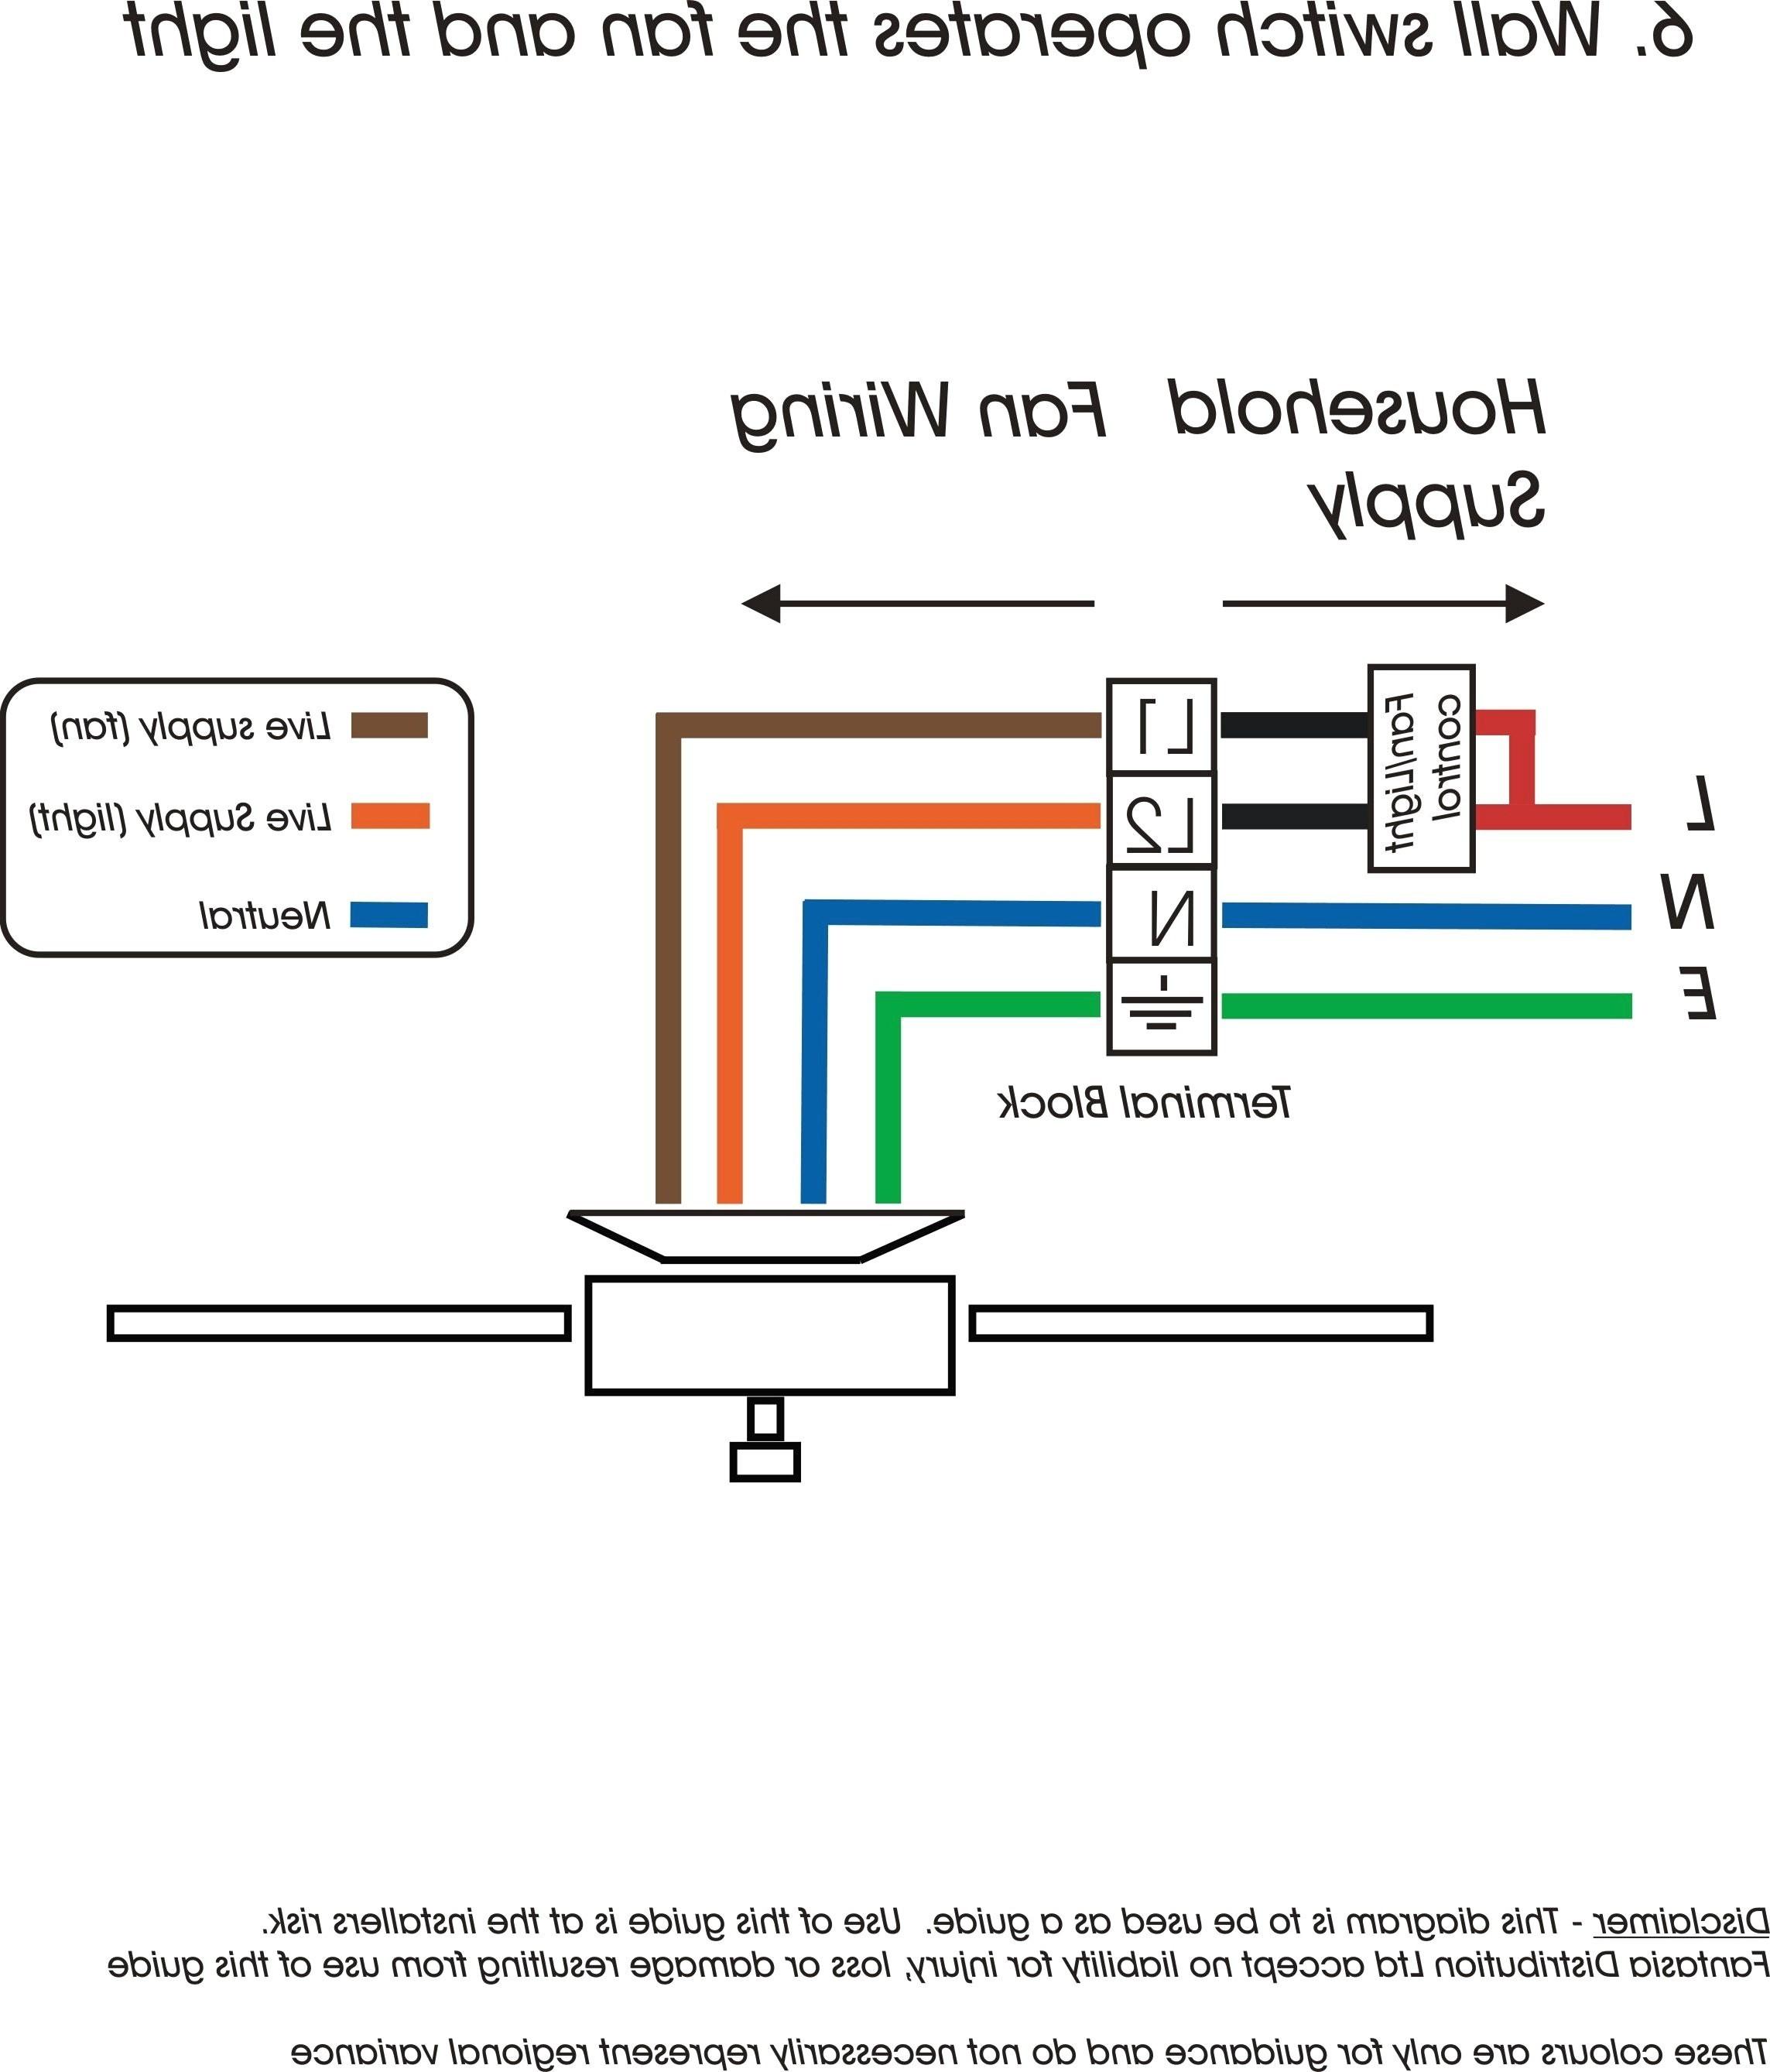 2002 ford Focus Wiring Diagram Ad33 Mini Cooper Ac Wiring Diagrams Of 2002 ford Focus Wiring Diagram